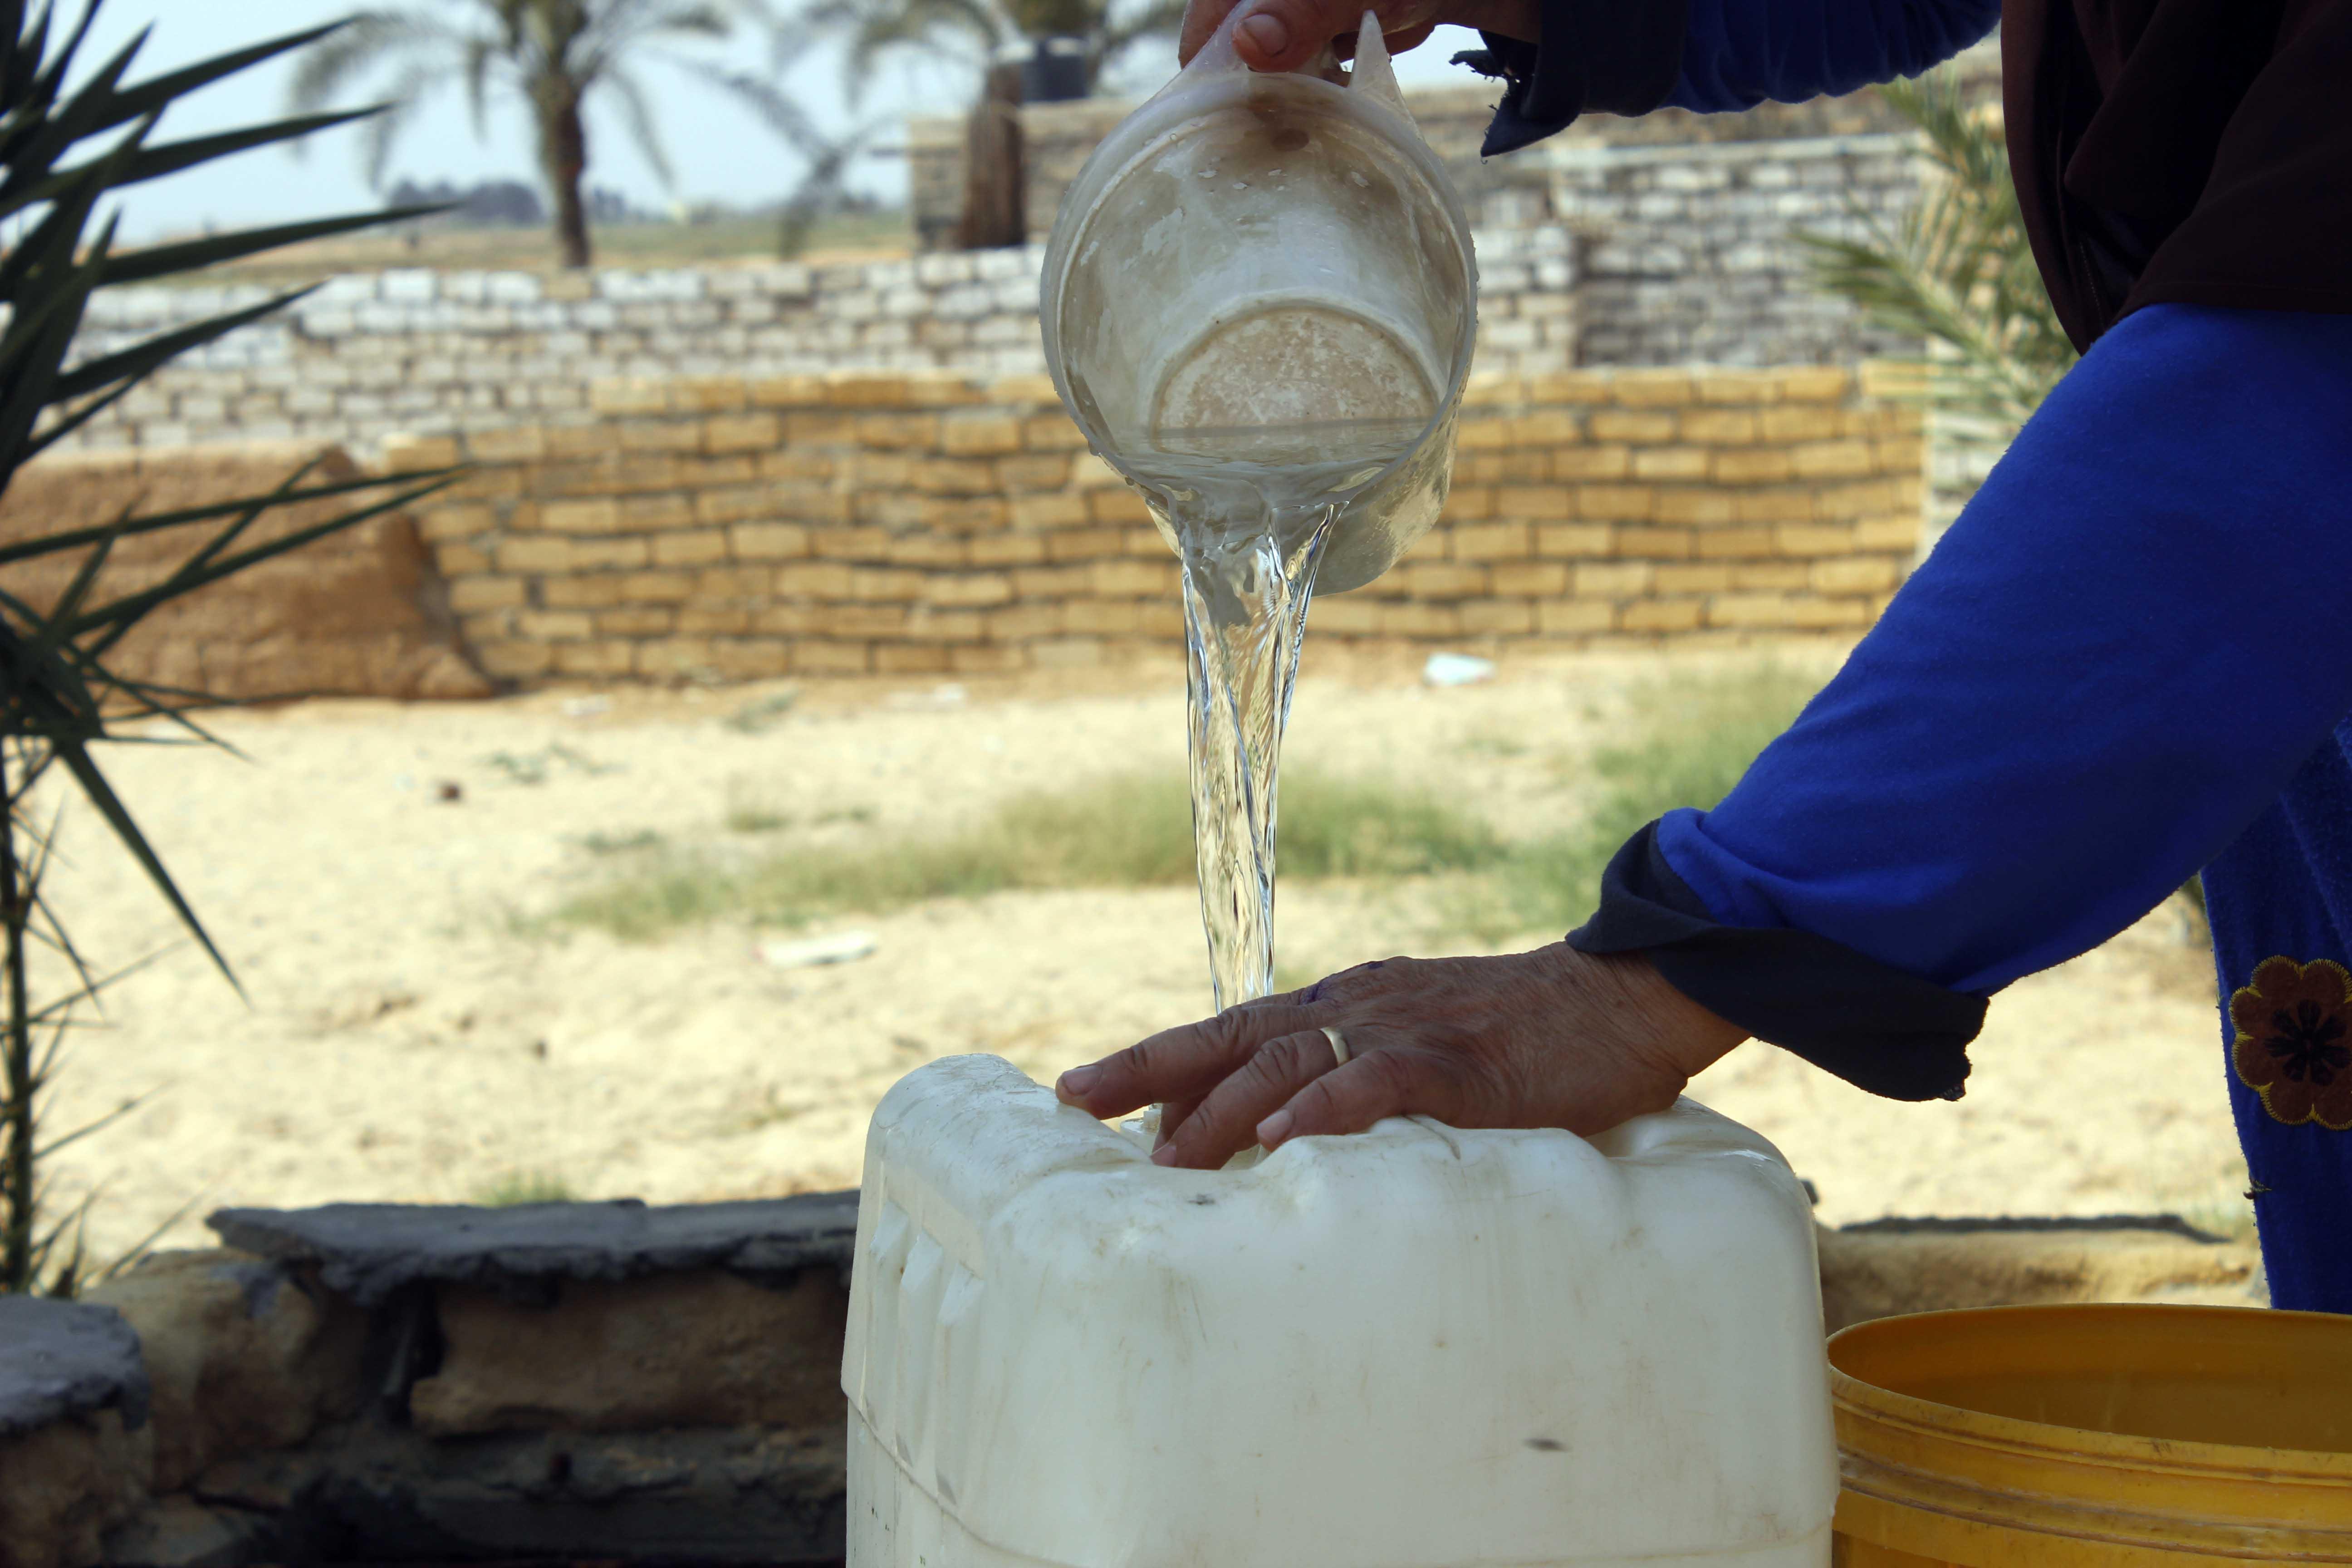 قري  تعيش بدون مياه  شرب  لأربعة أشهر  - تصوير  محمد عوض  (19)